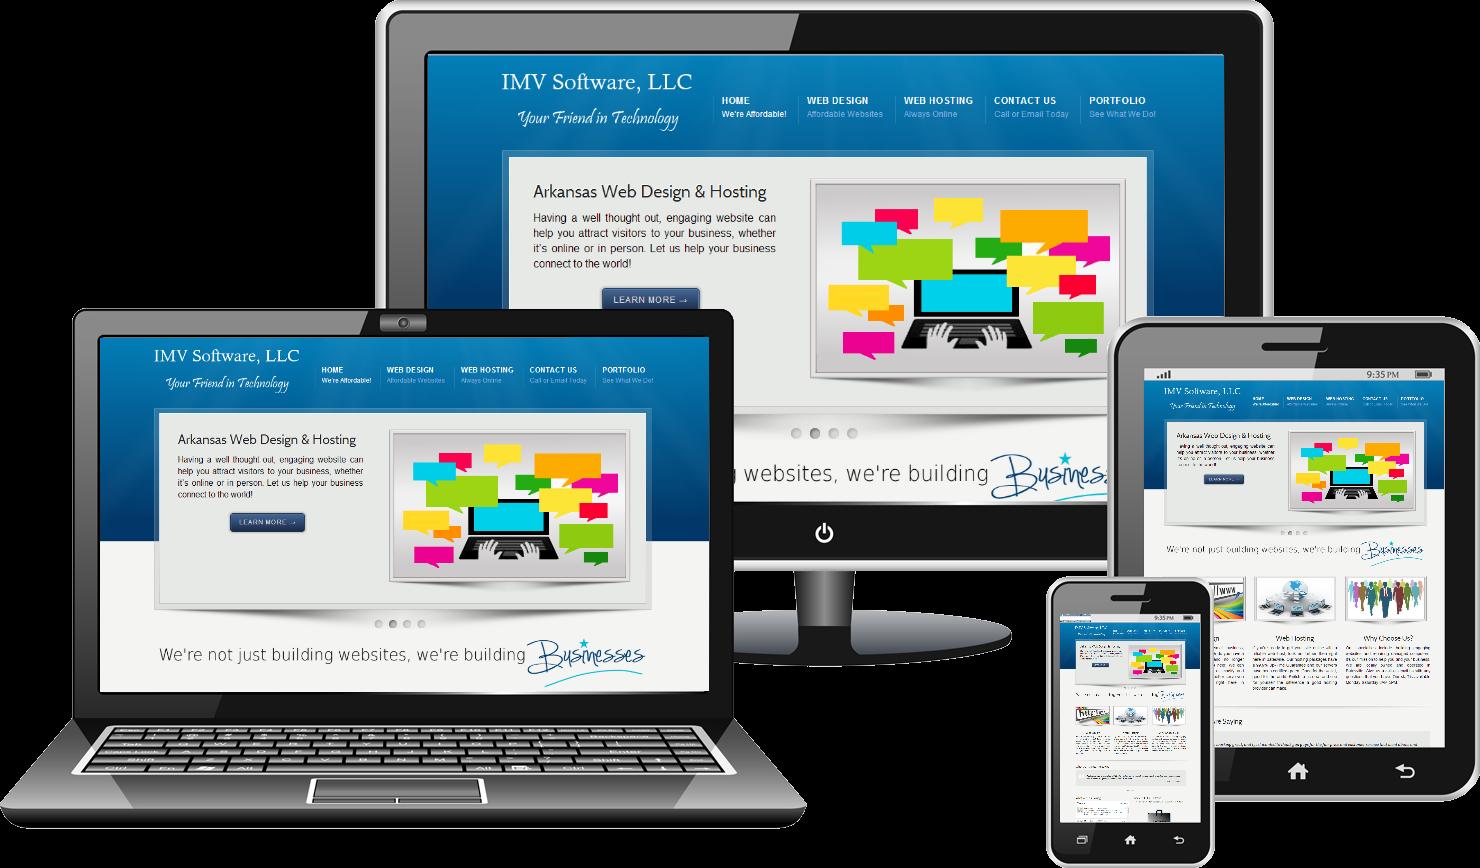 123CORP – Thiết kế web chuyên nghiệp, tối ưu SEO hiệu quả